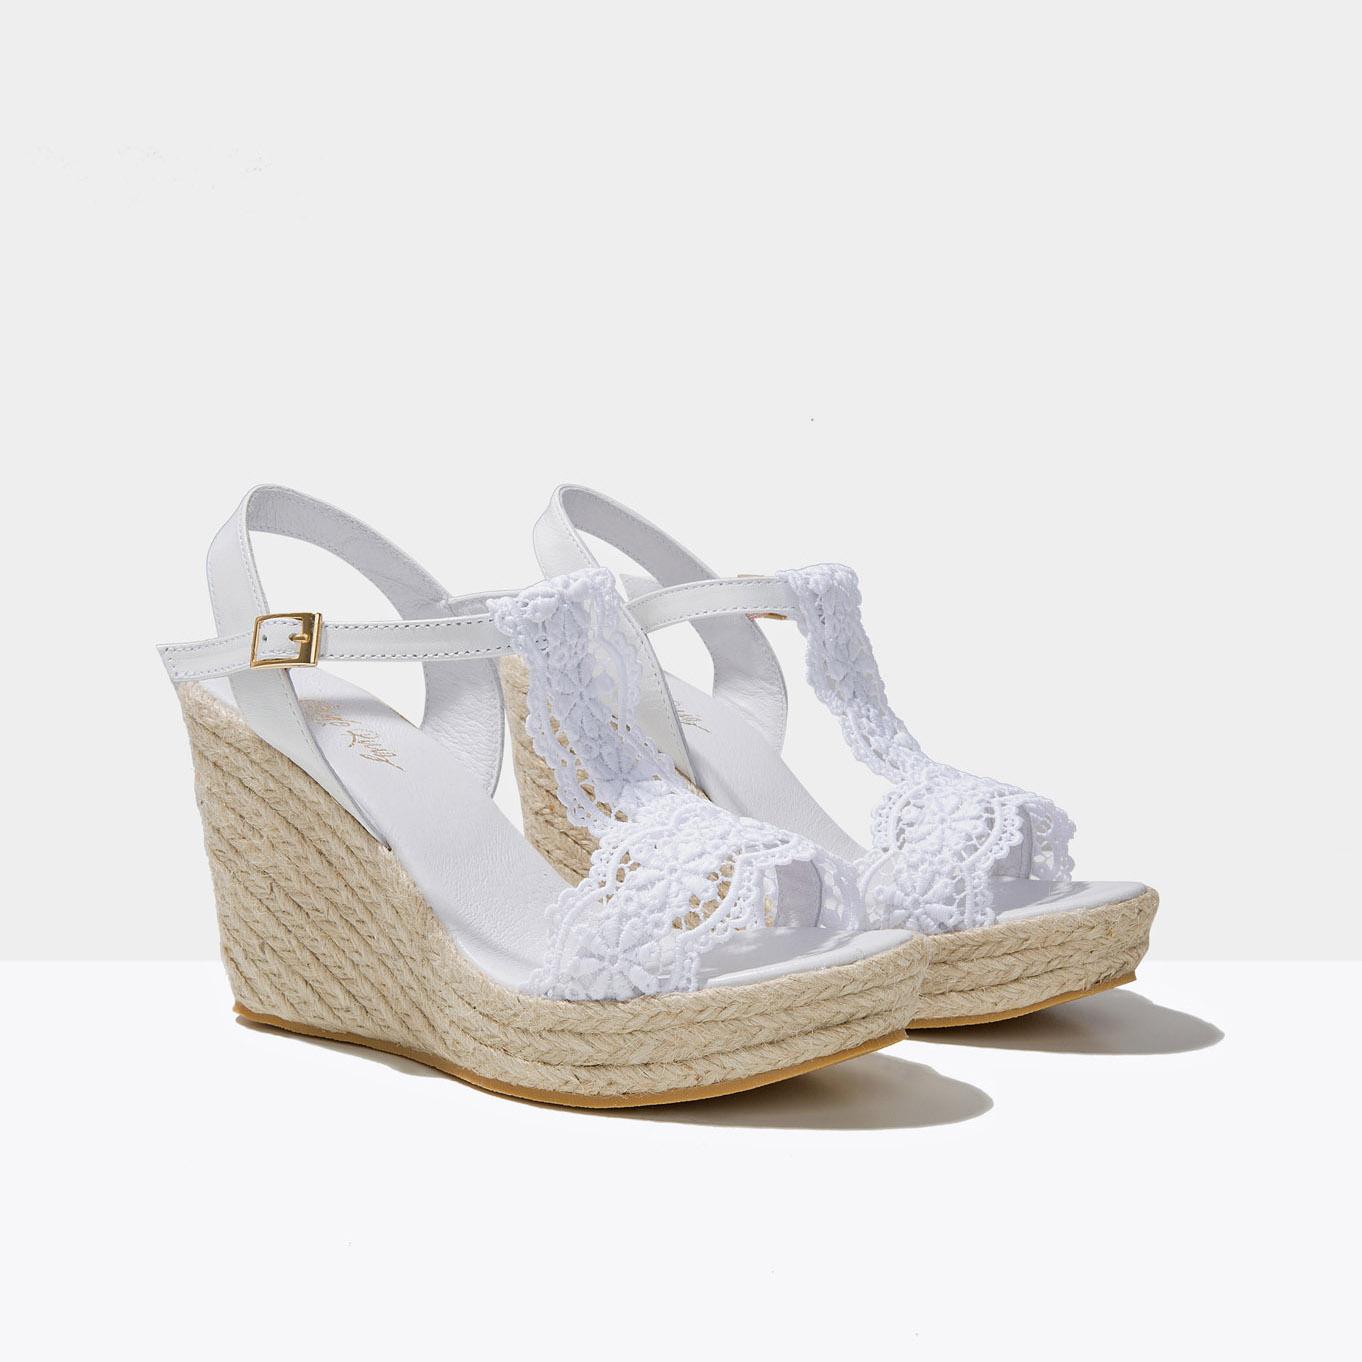 Zapatos | Ibiza TN. Trajes de novia, vestits de núvia.